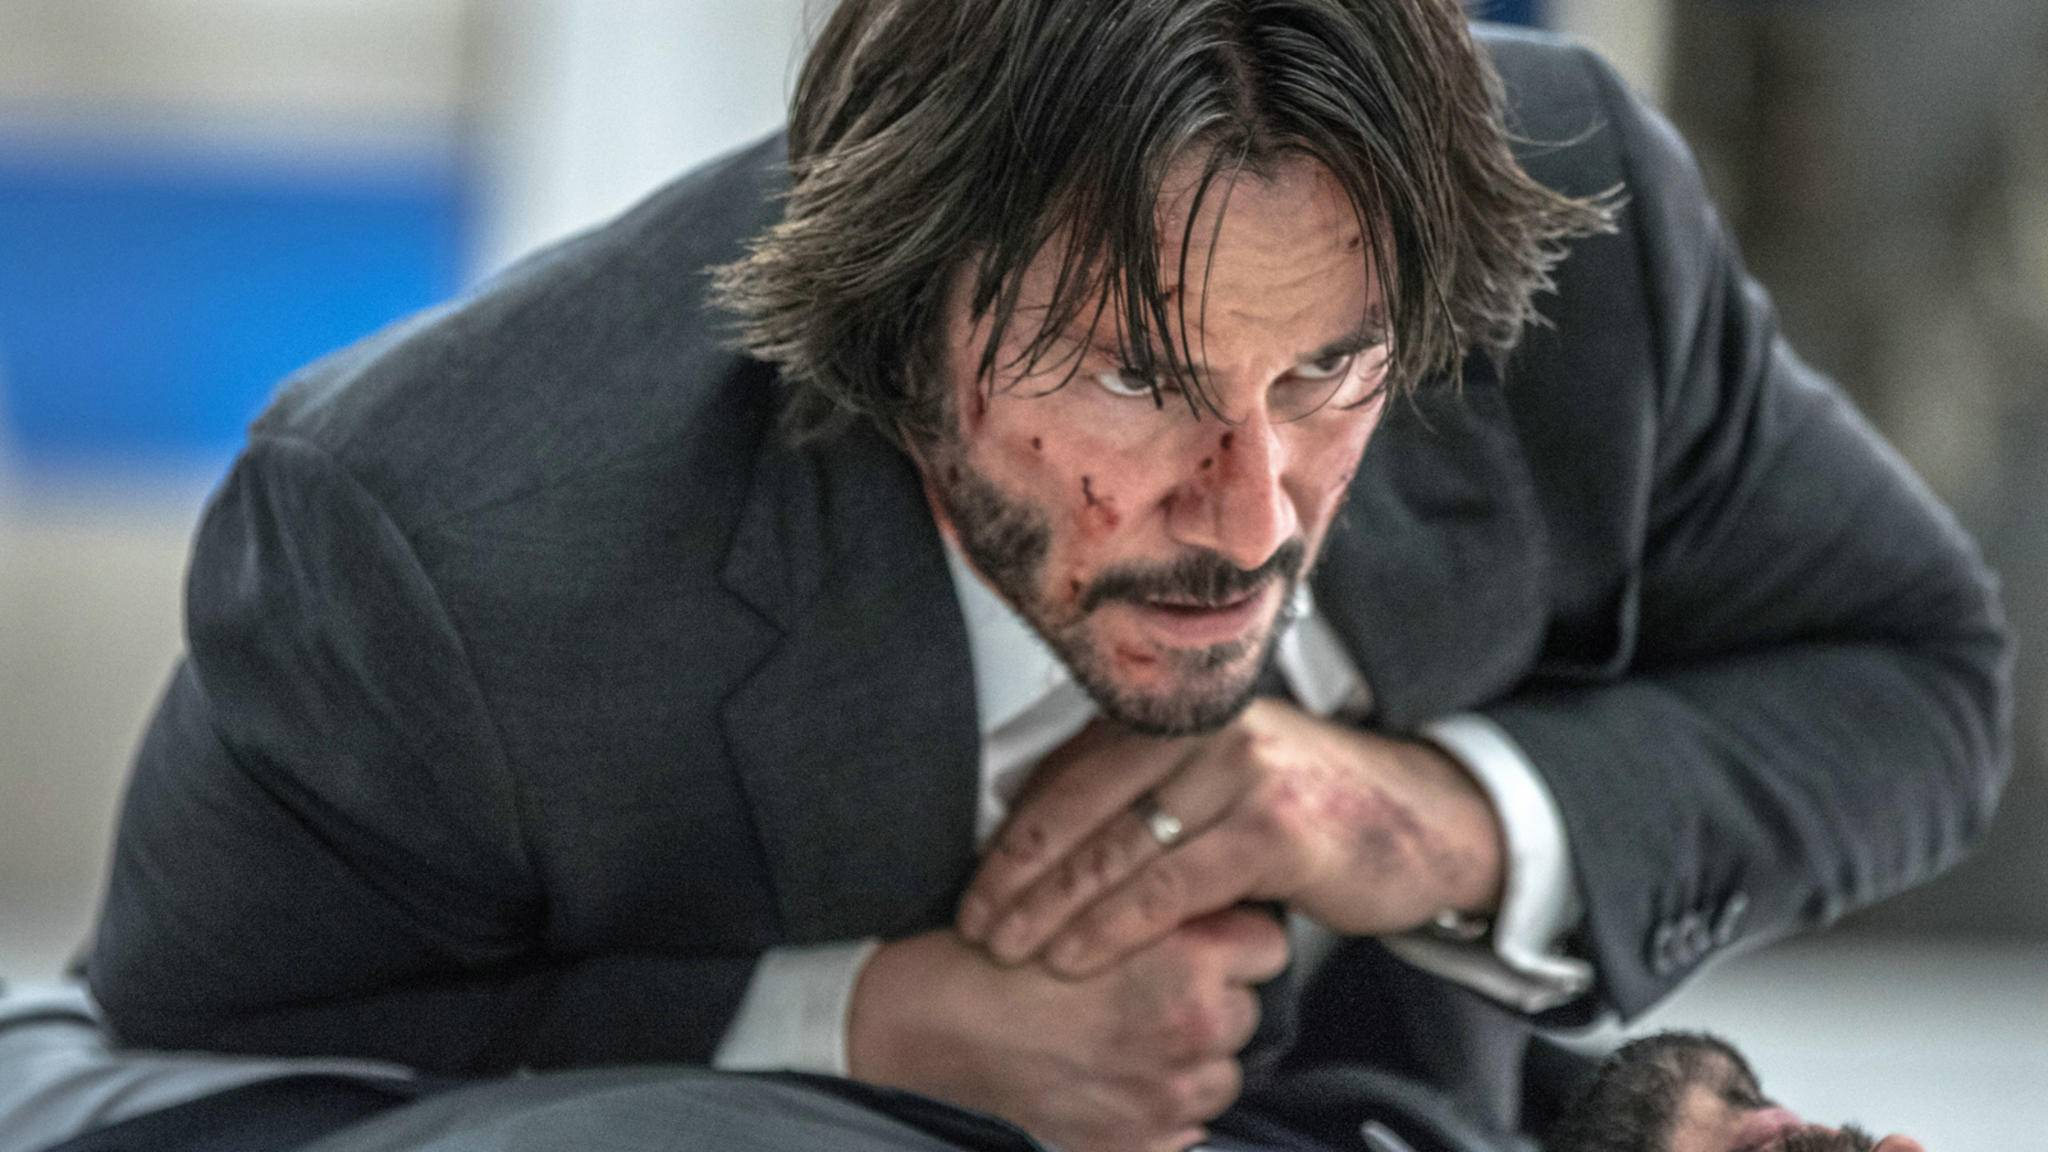 Lädiert: Keanu Reeves muss als John Wick einiges aushalten. Ein neues Featurette zeigt ihn beim Training für die Rolle.